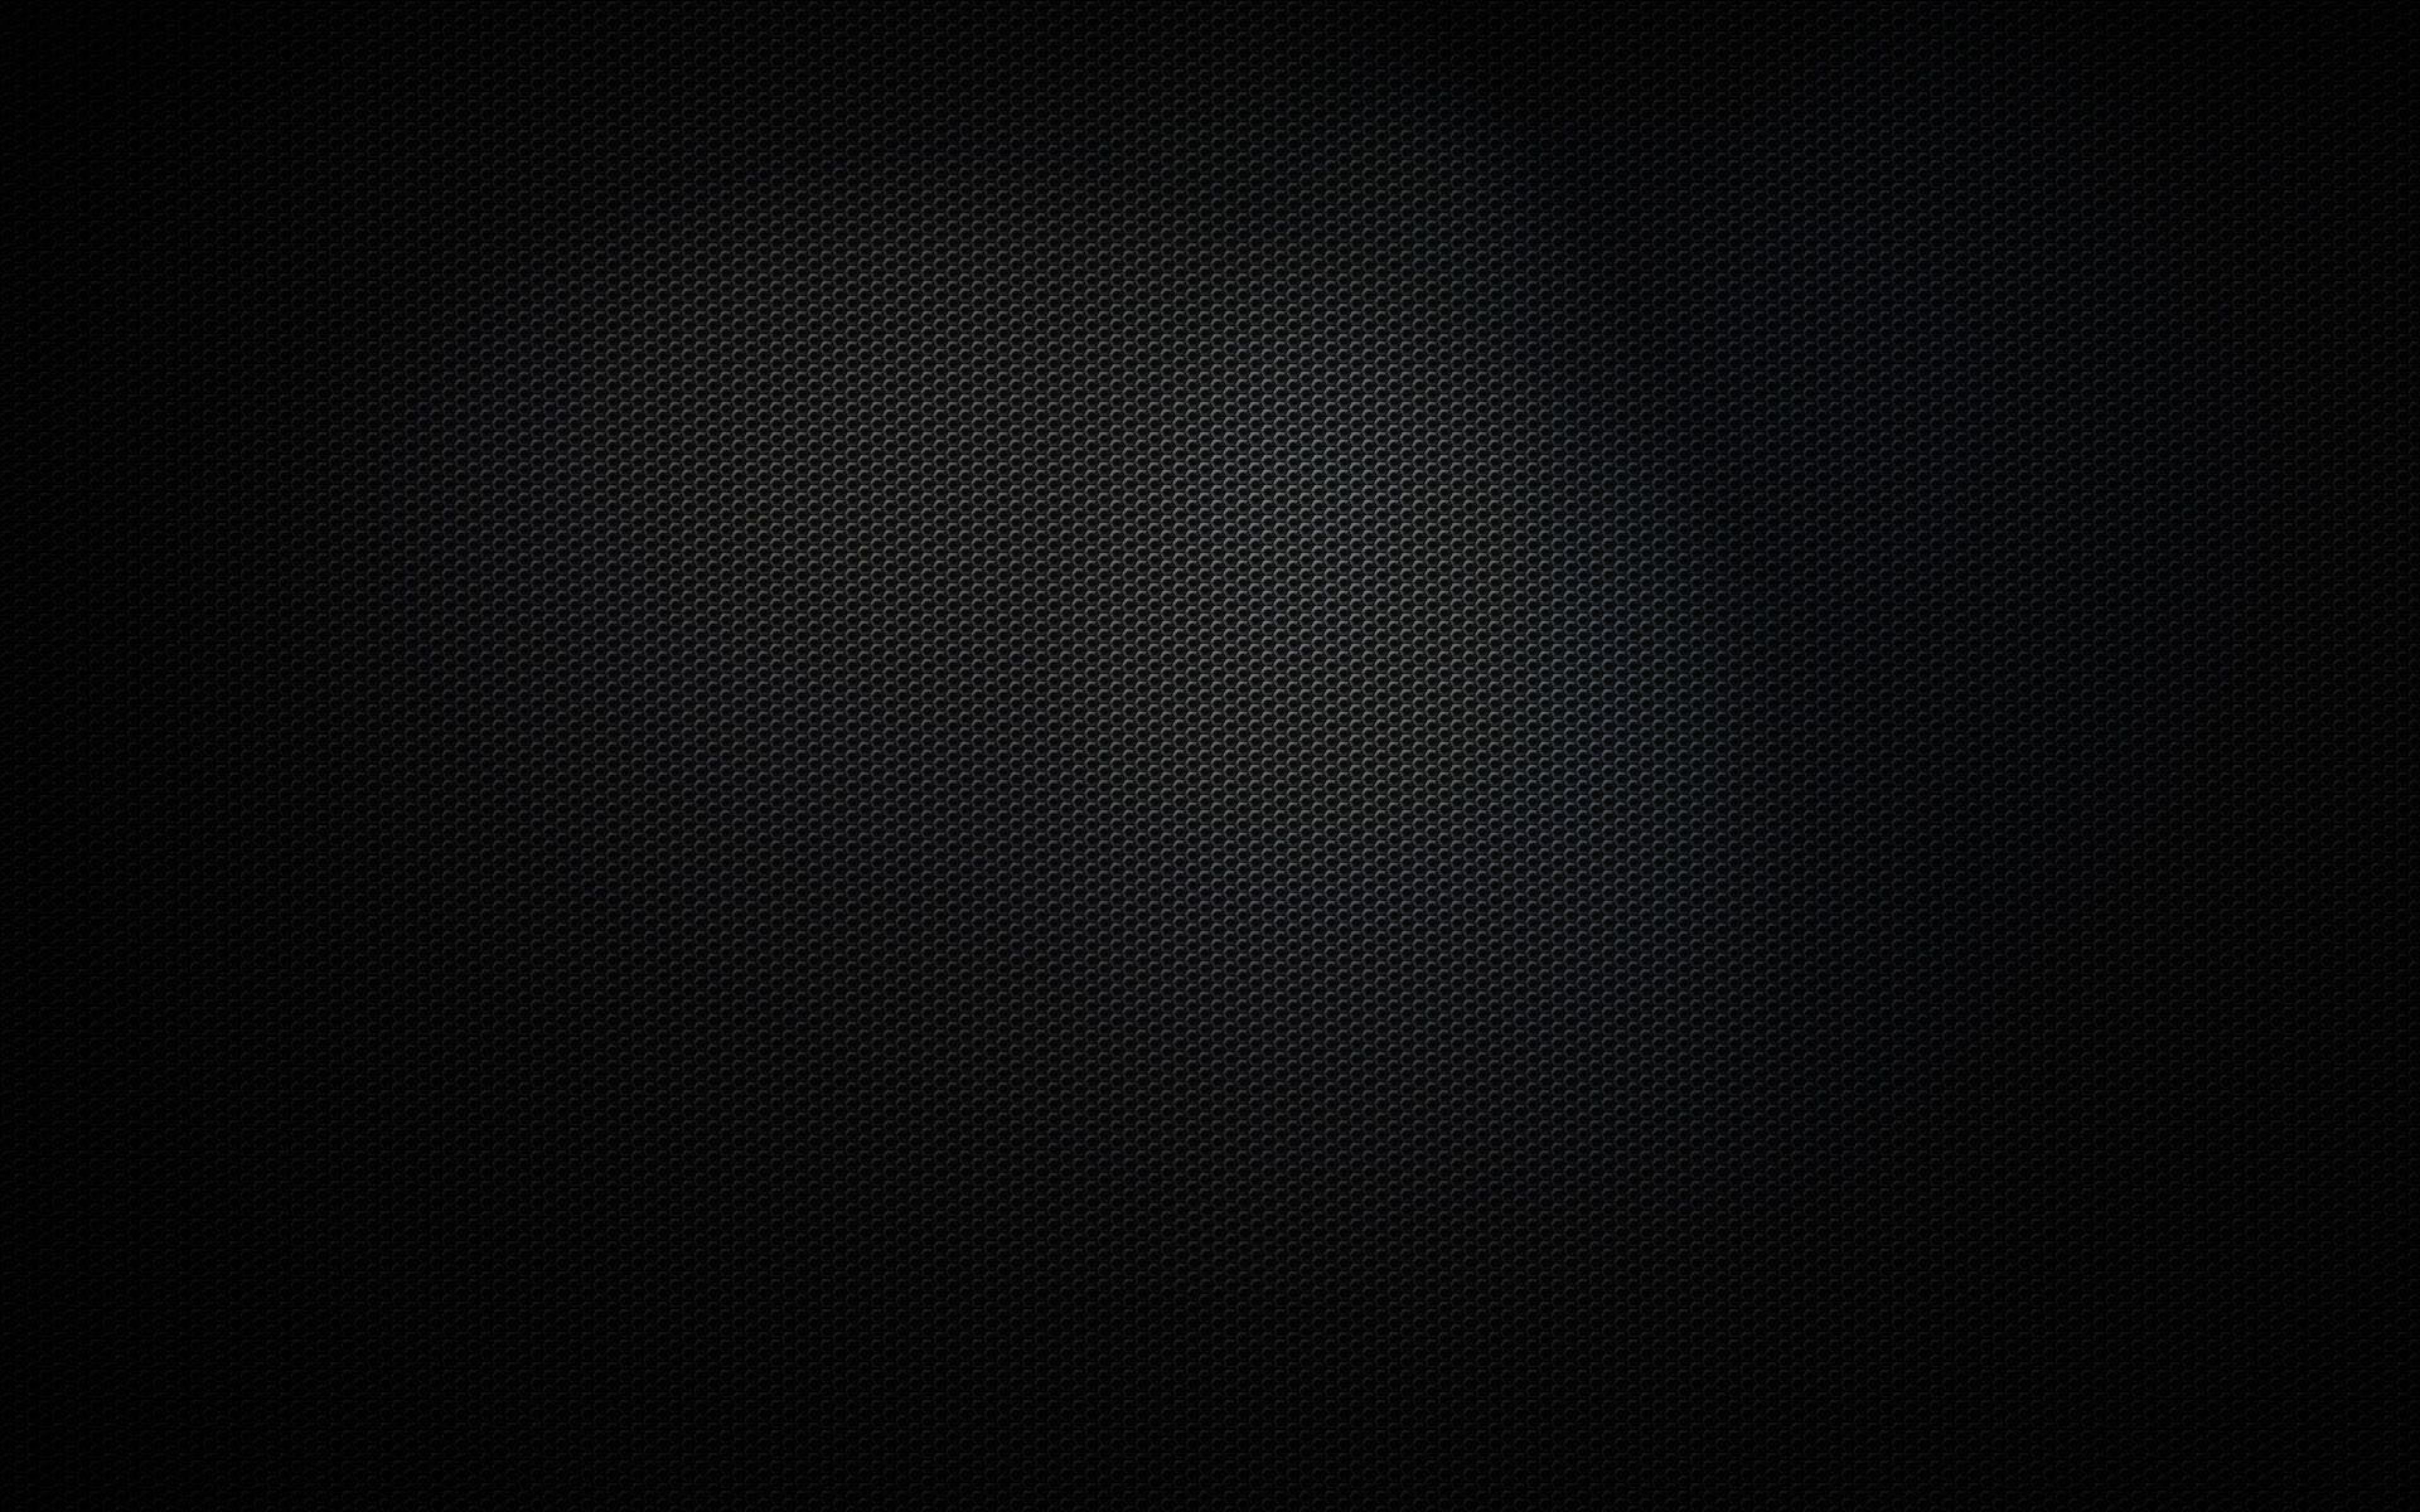 45 4k Wallpaper Dark On Wallpapersafari